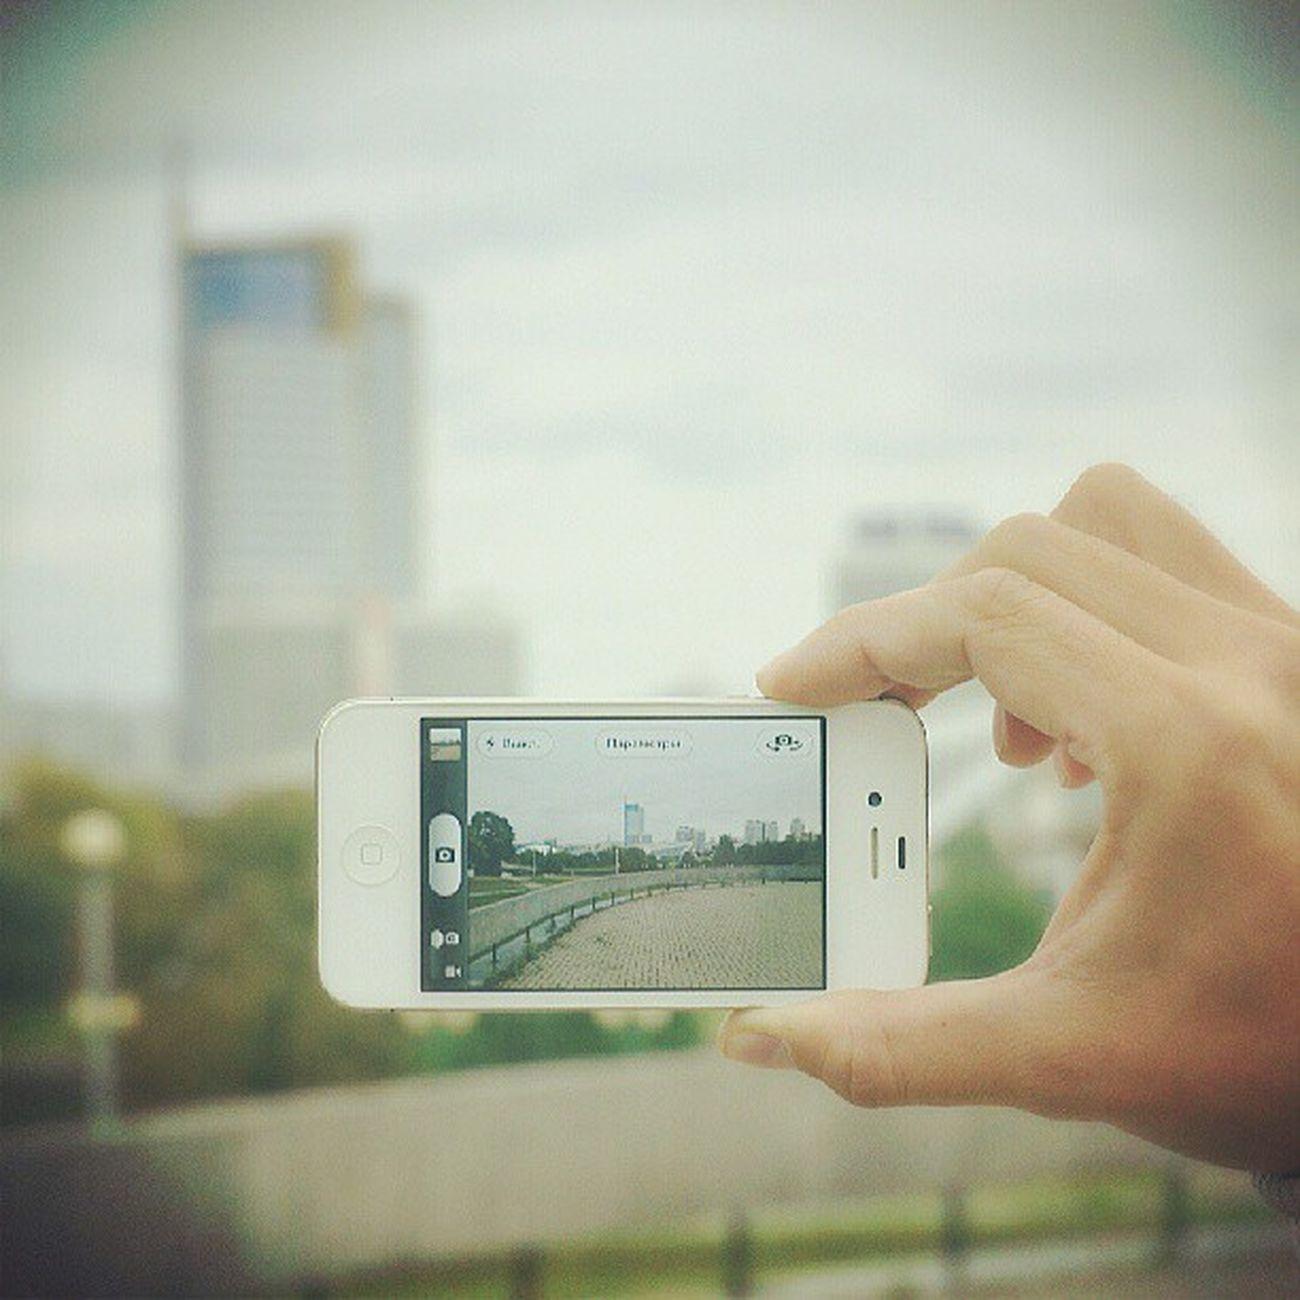 Cold Minsk Mycity Cityminsk Minskcitylife Minsk summer belarus instaphoto pxlr hand camera